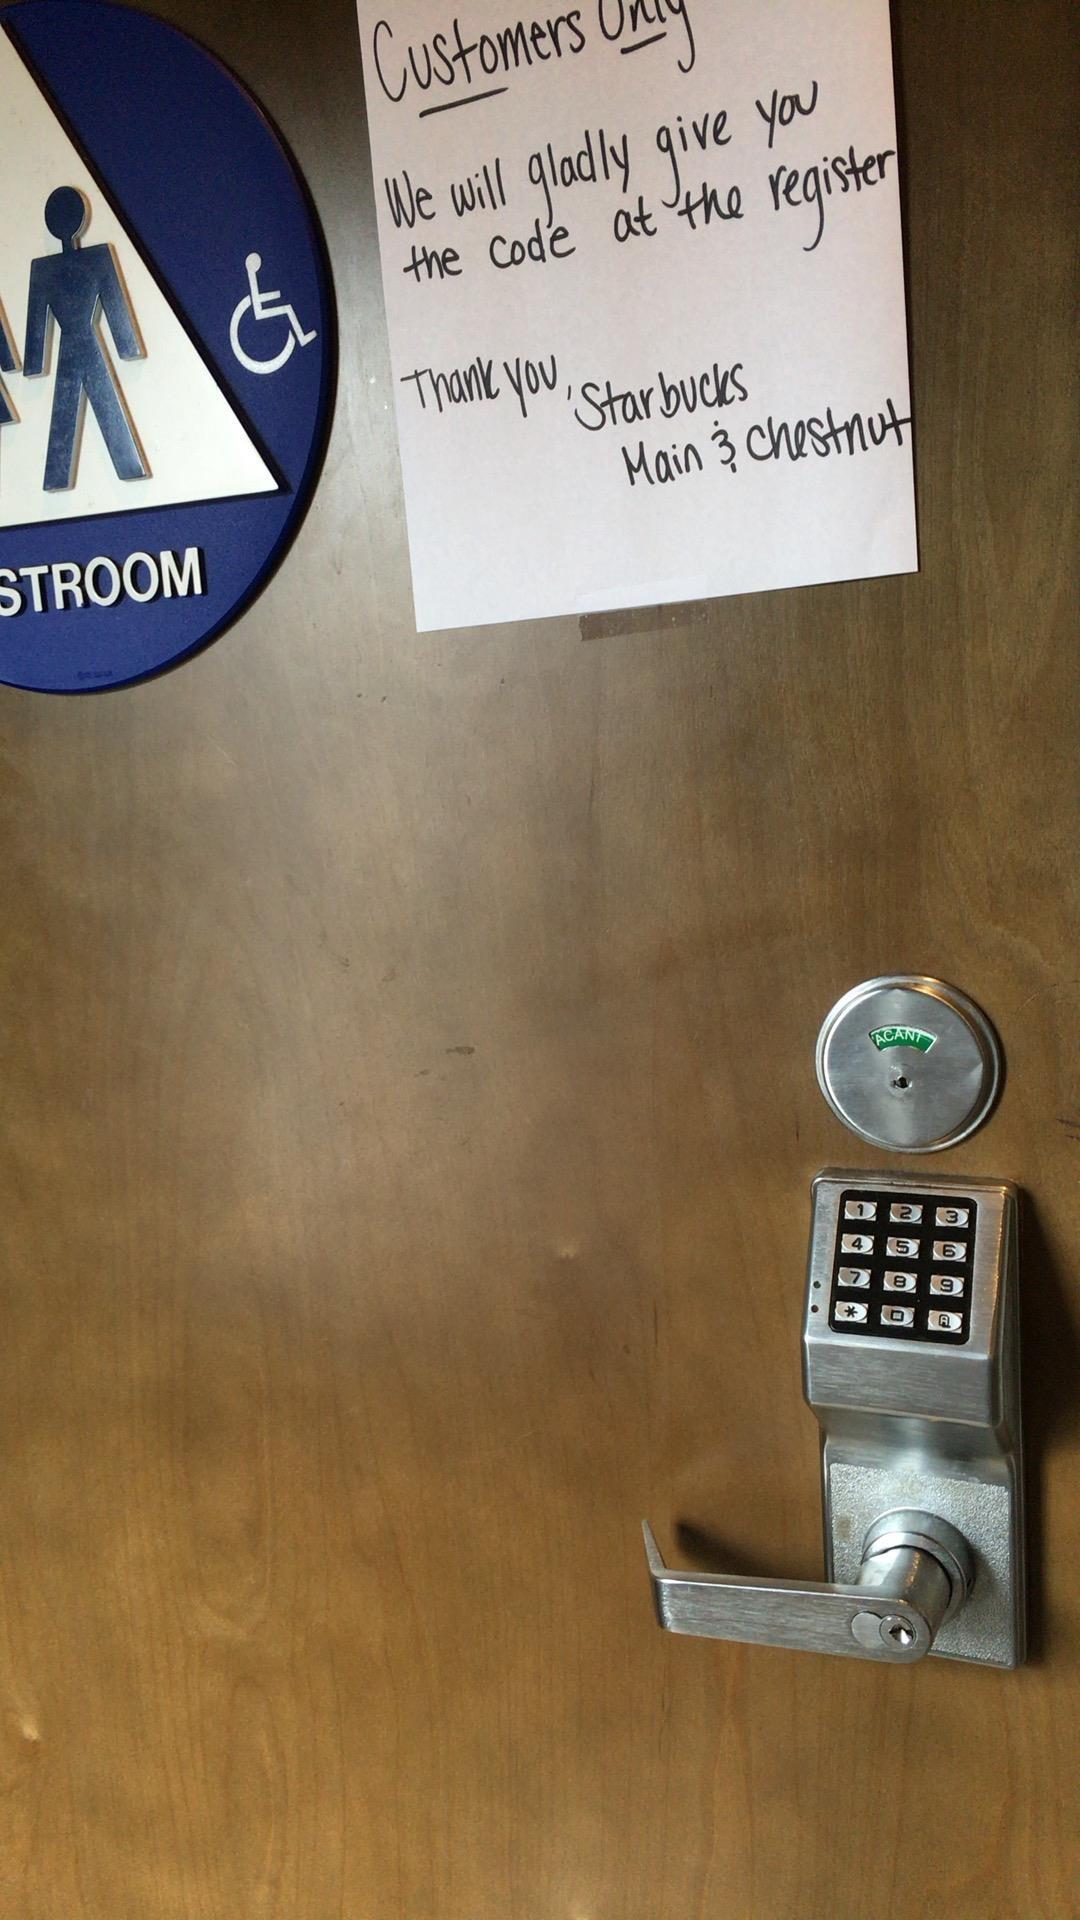 nyc restroom 【トイレかしてください】を英語で。アメリカで日本のラーメンが過大評価?どこも混んでて2時間待ちも